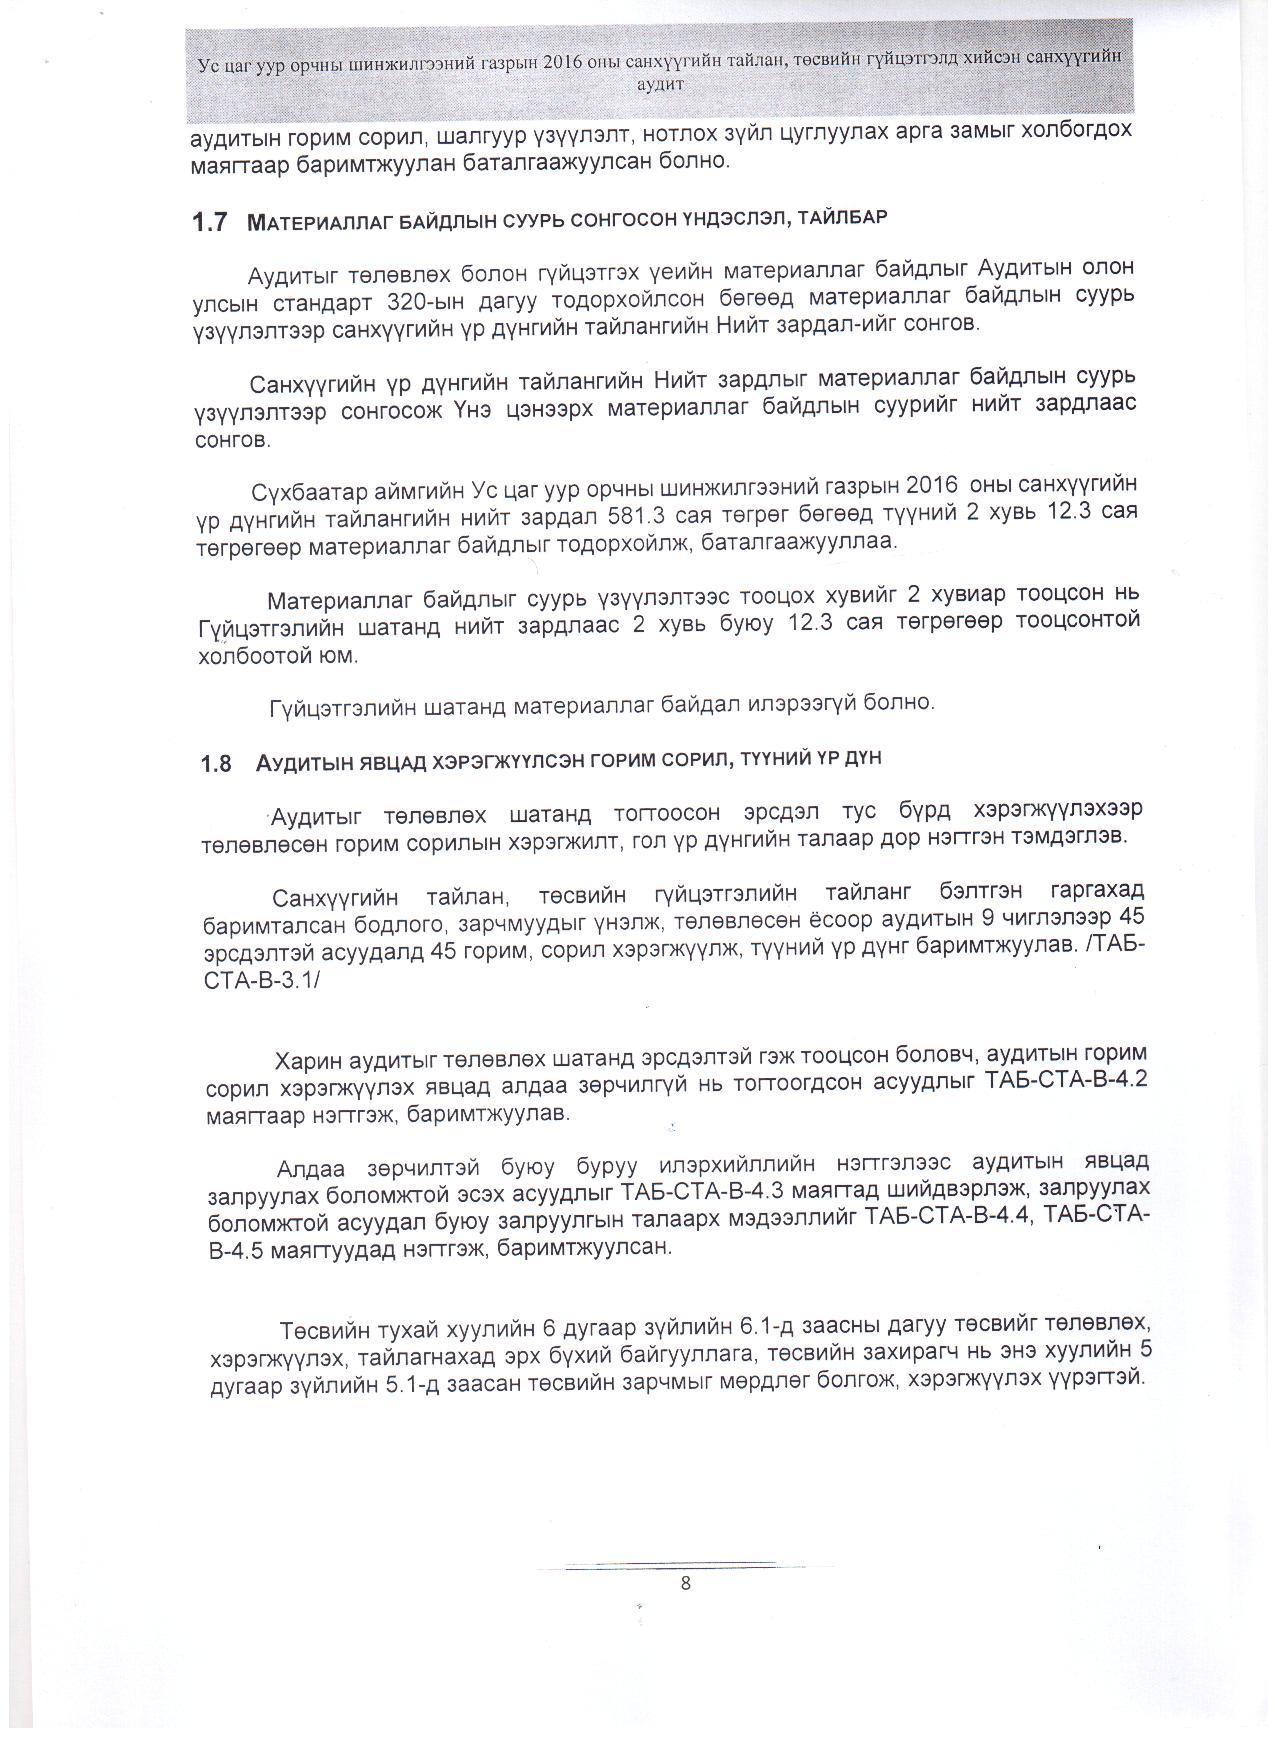 audit11